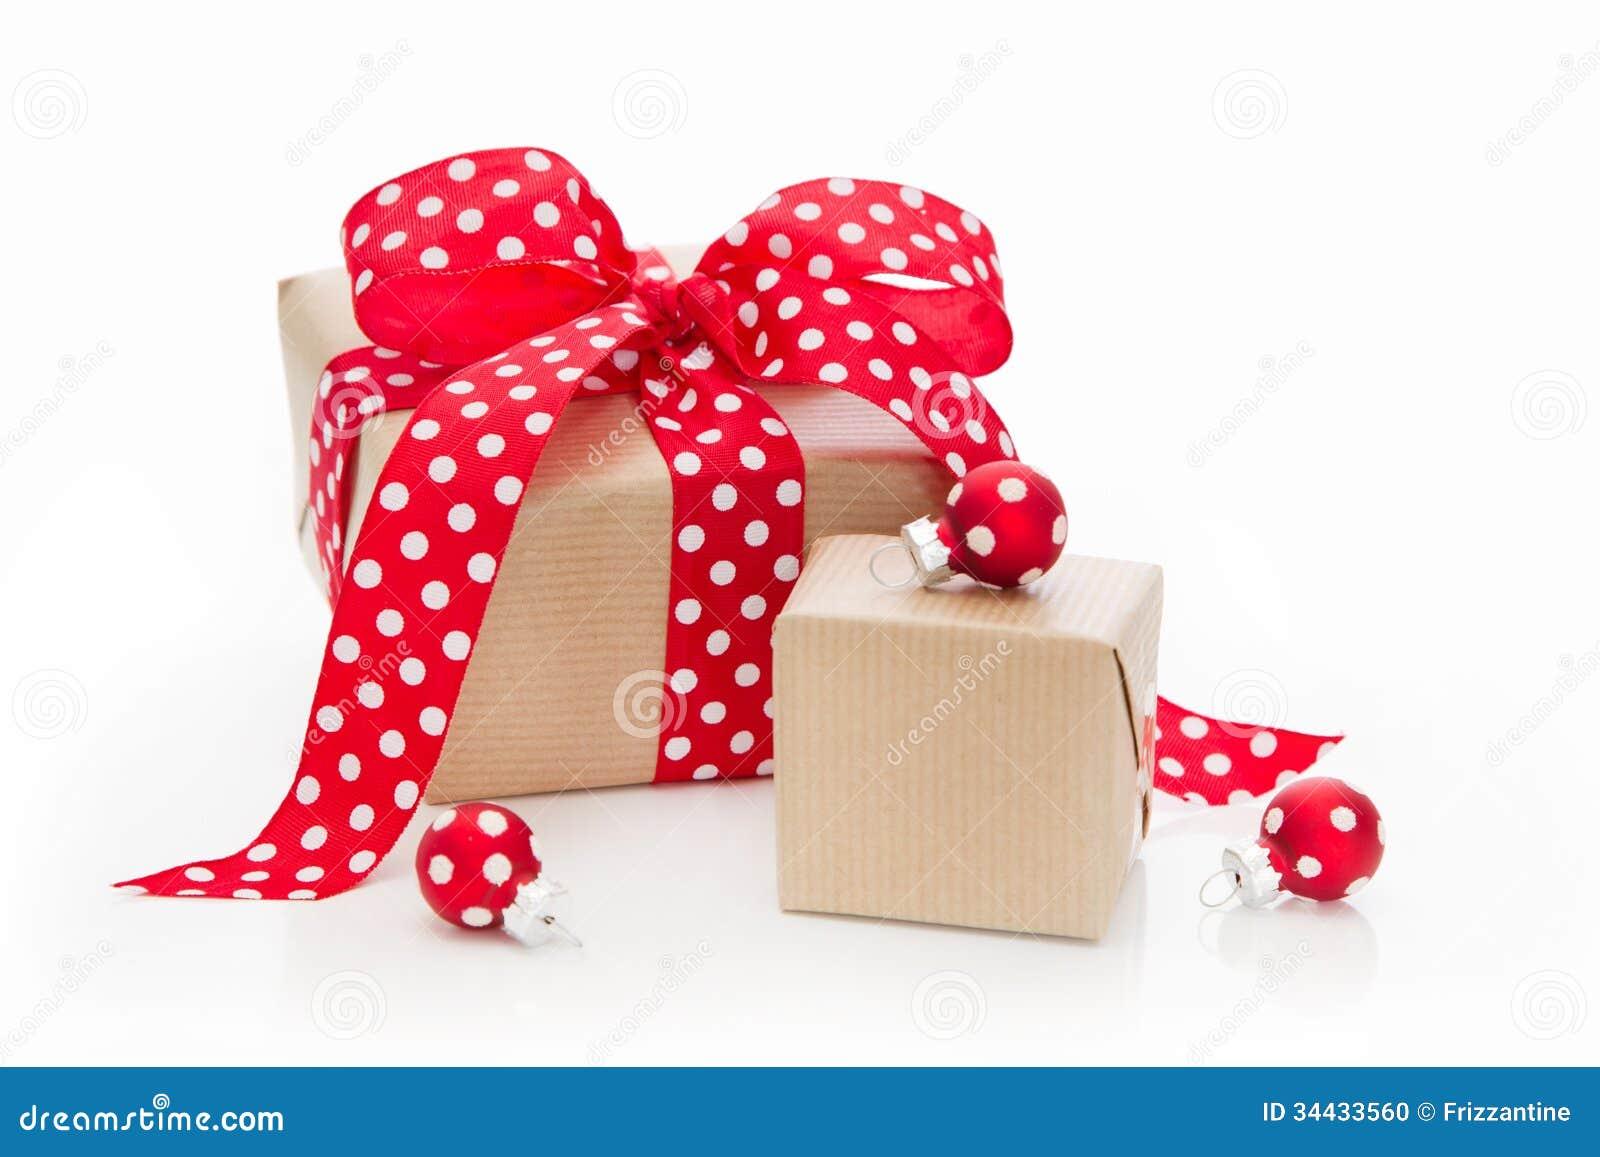 Regalos de navidad aislados envueltos en papel con los - Papel de regalo navidad ...